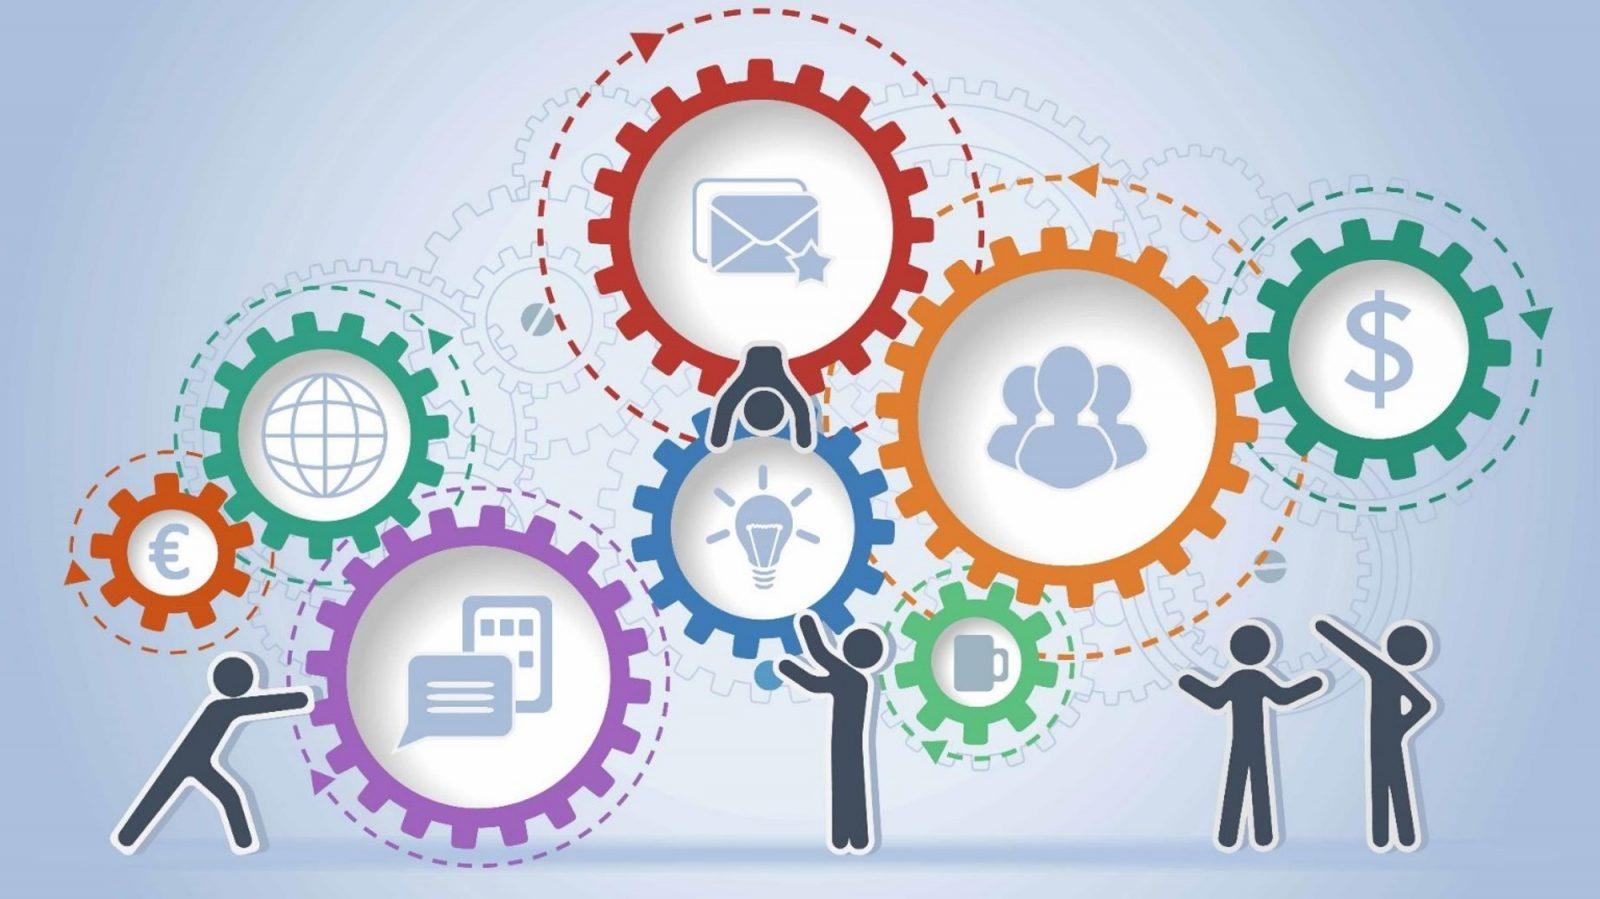 L'organizzazione è costantemente allineata alle esigenze dei clienti.